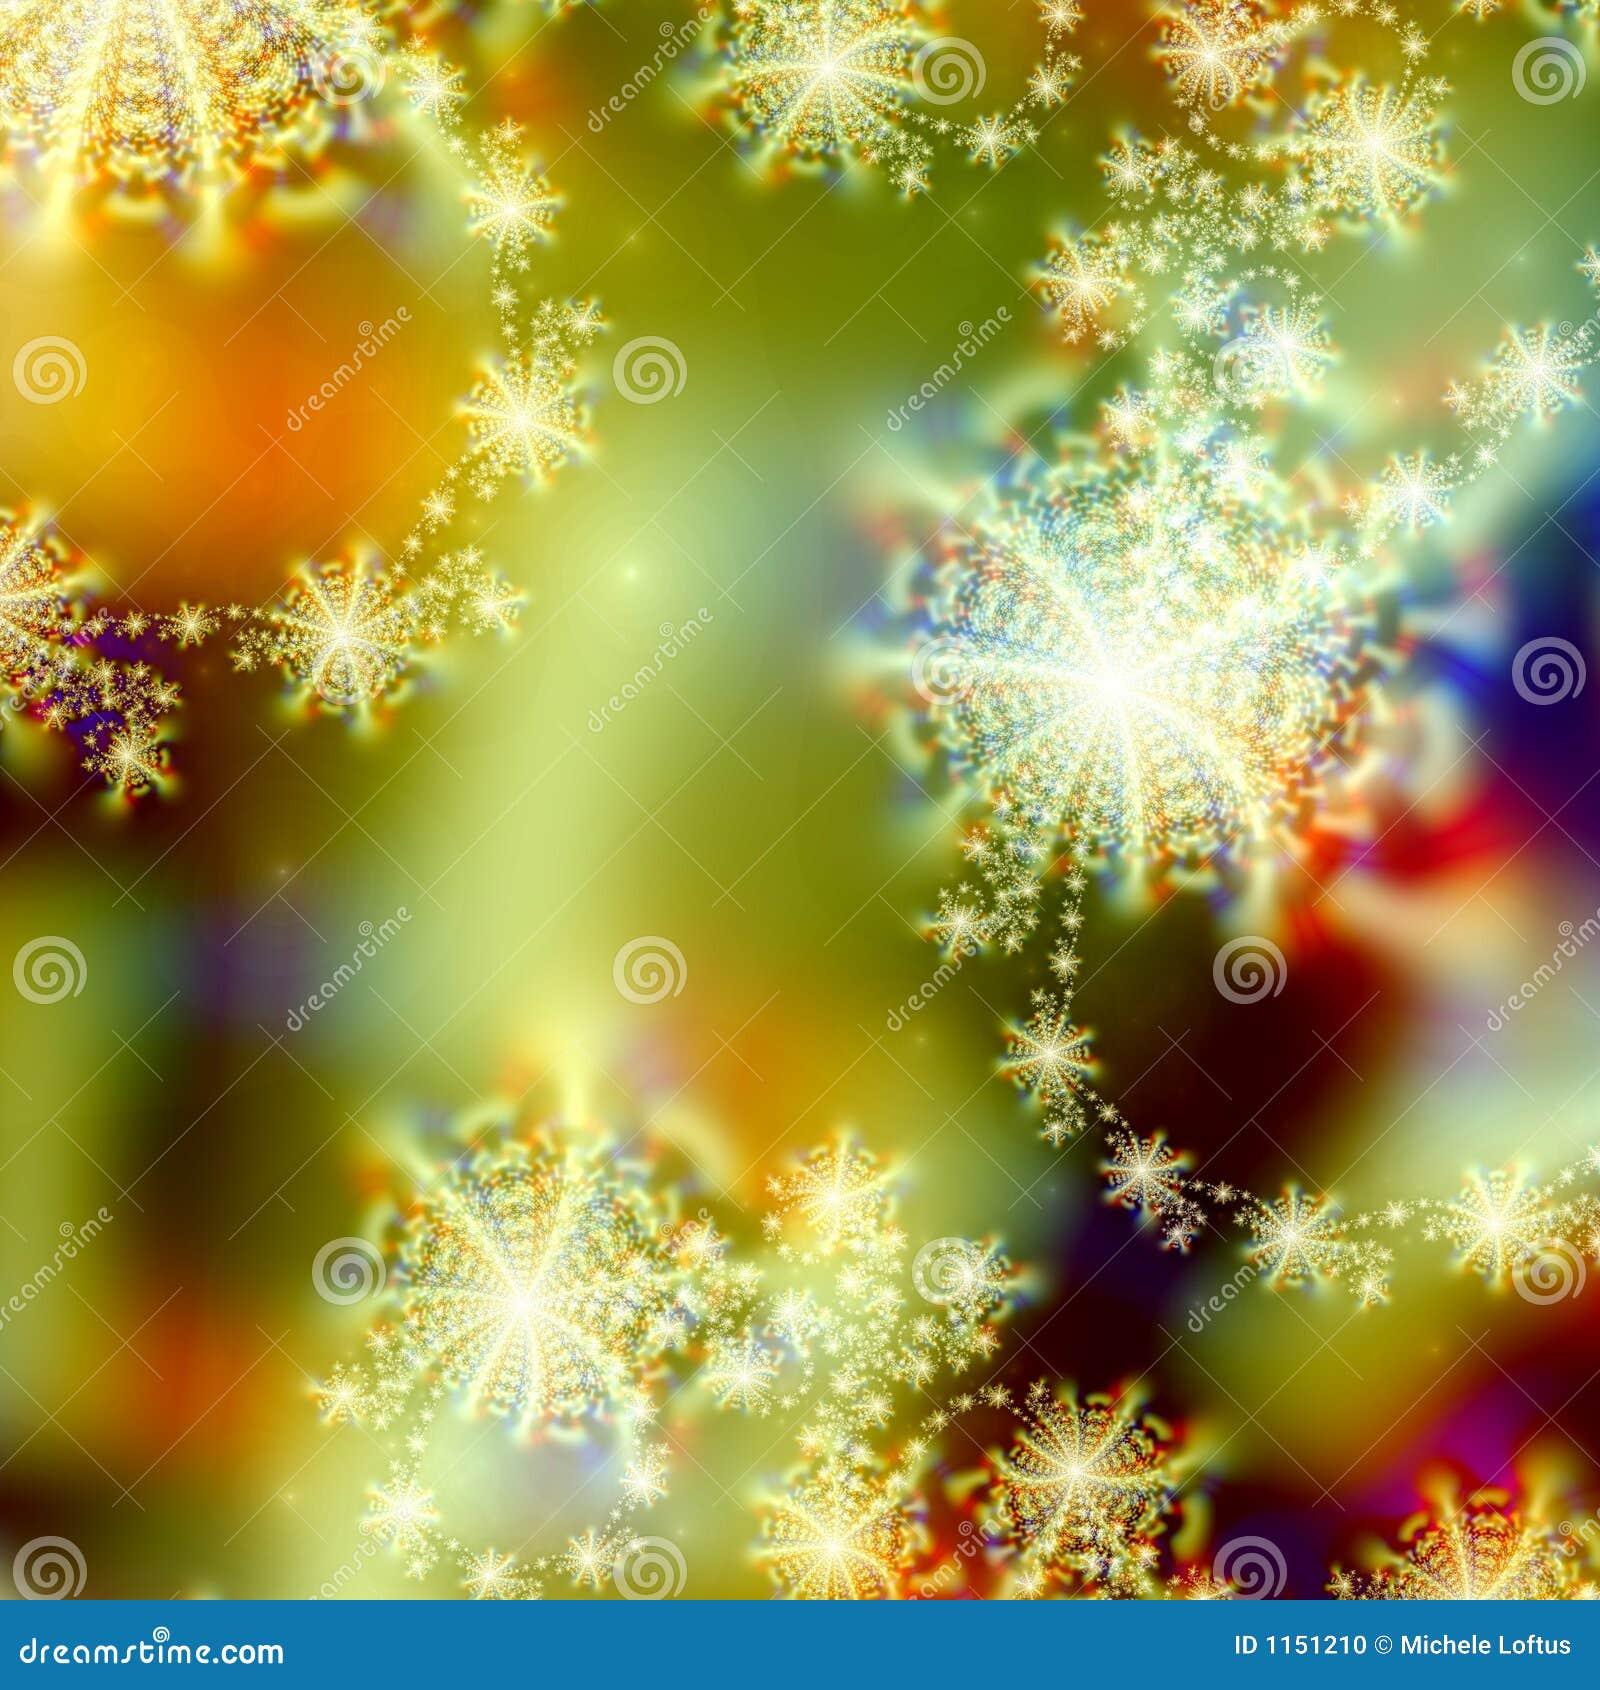 提取背景设计节假日光模式雪花星形